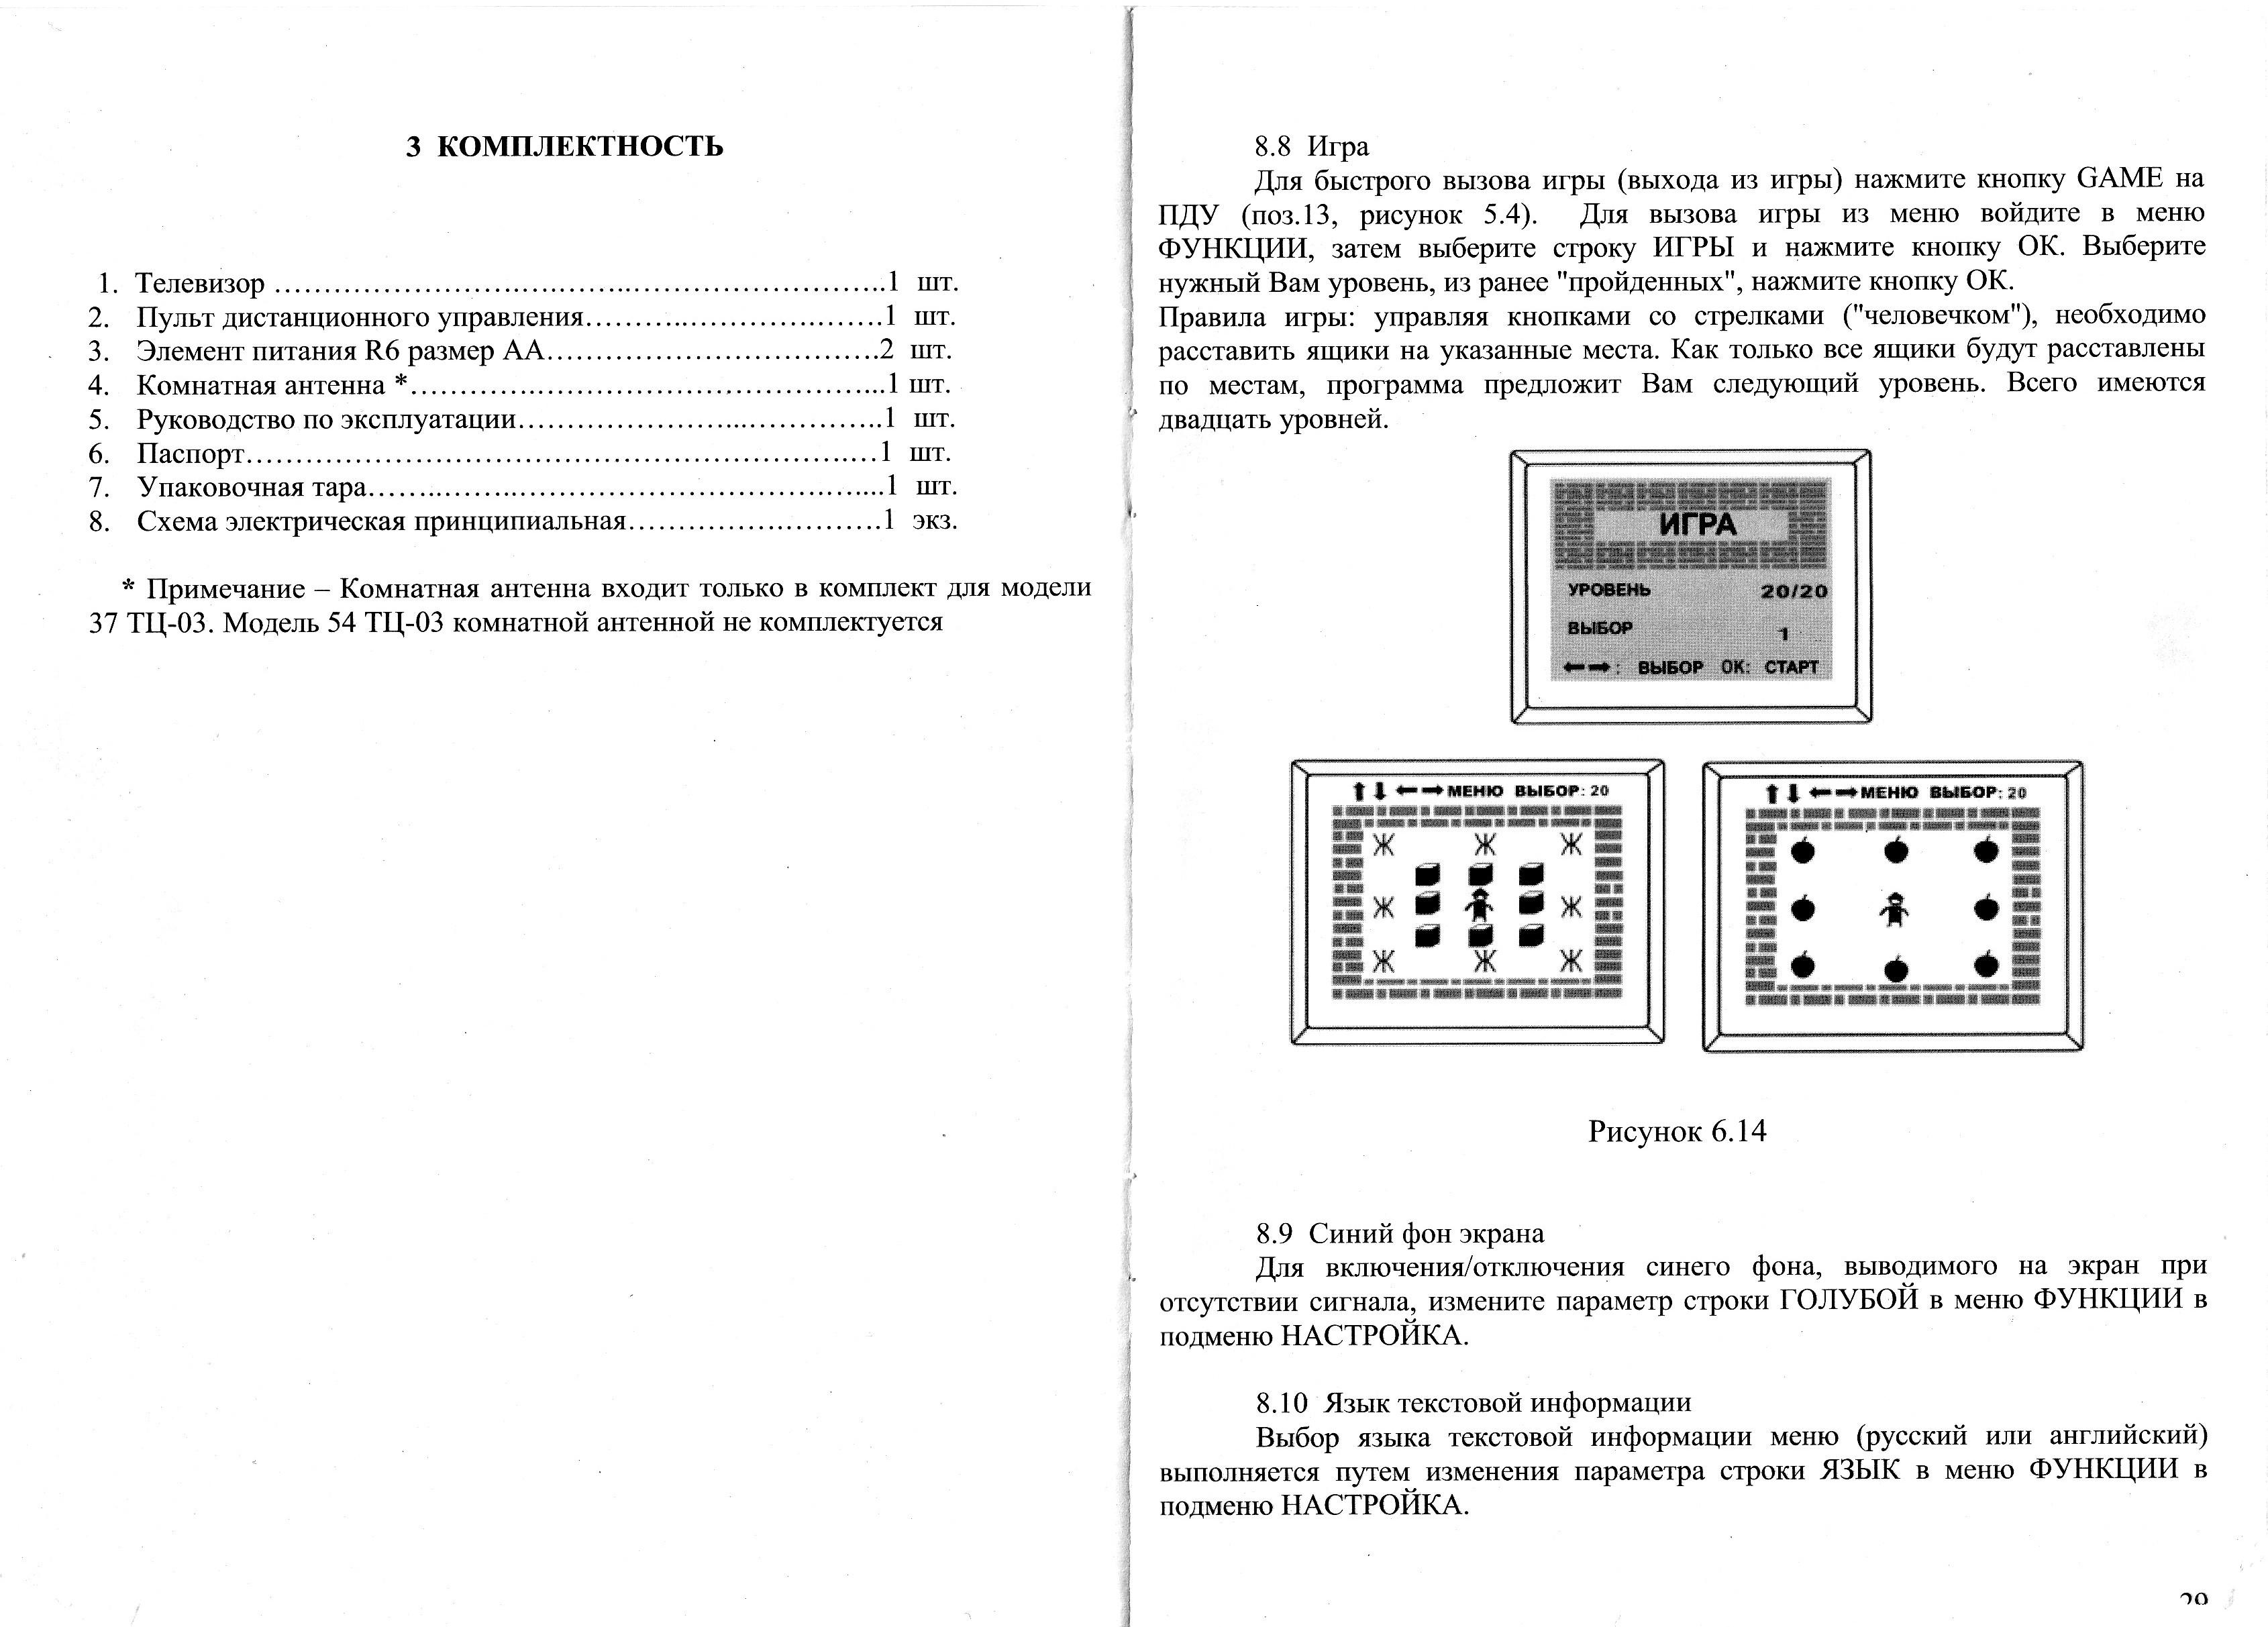 Схема на avest 37тц-04